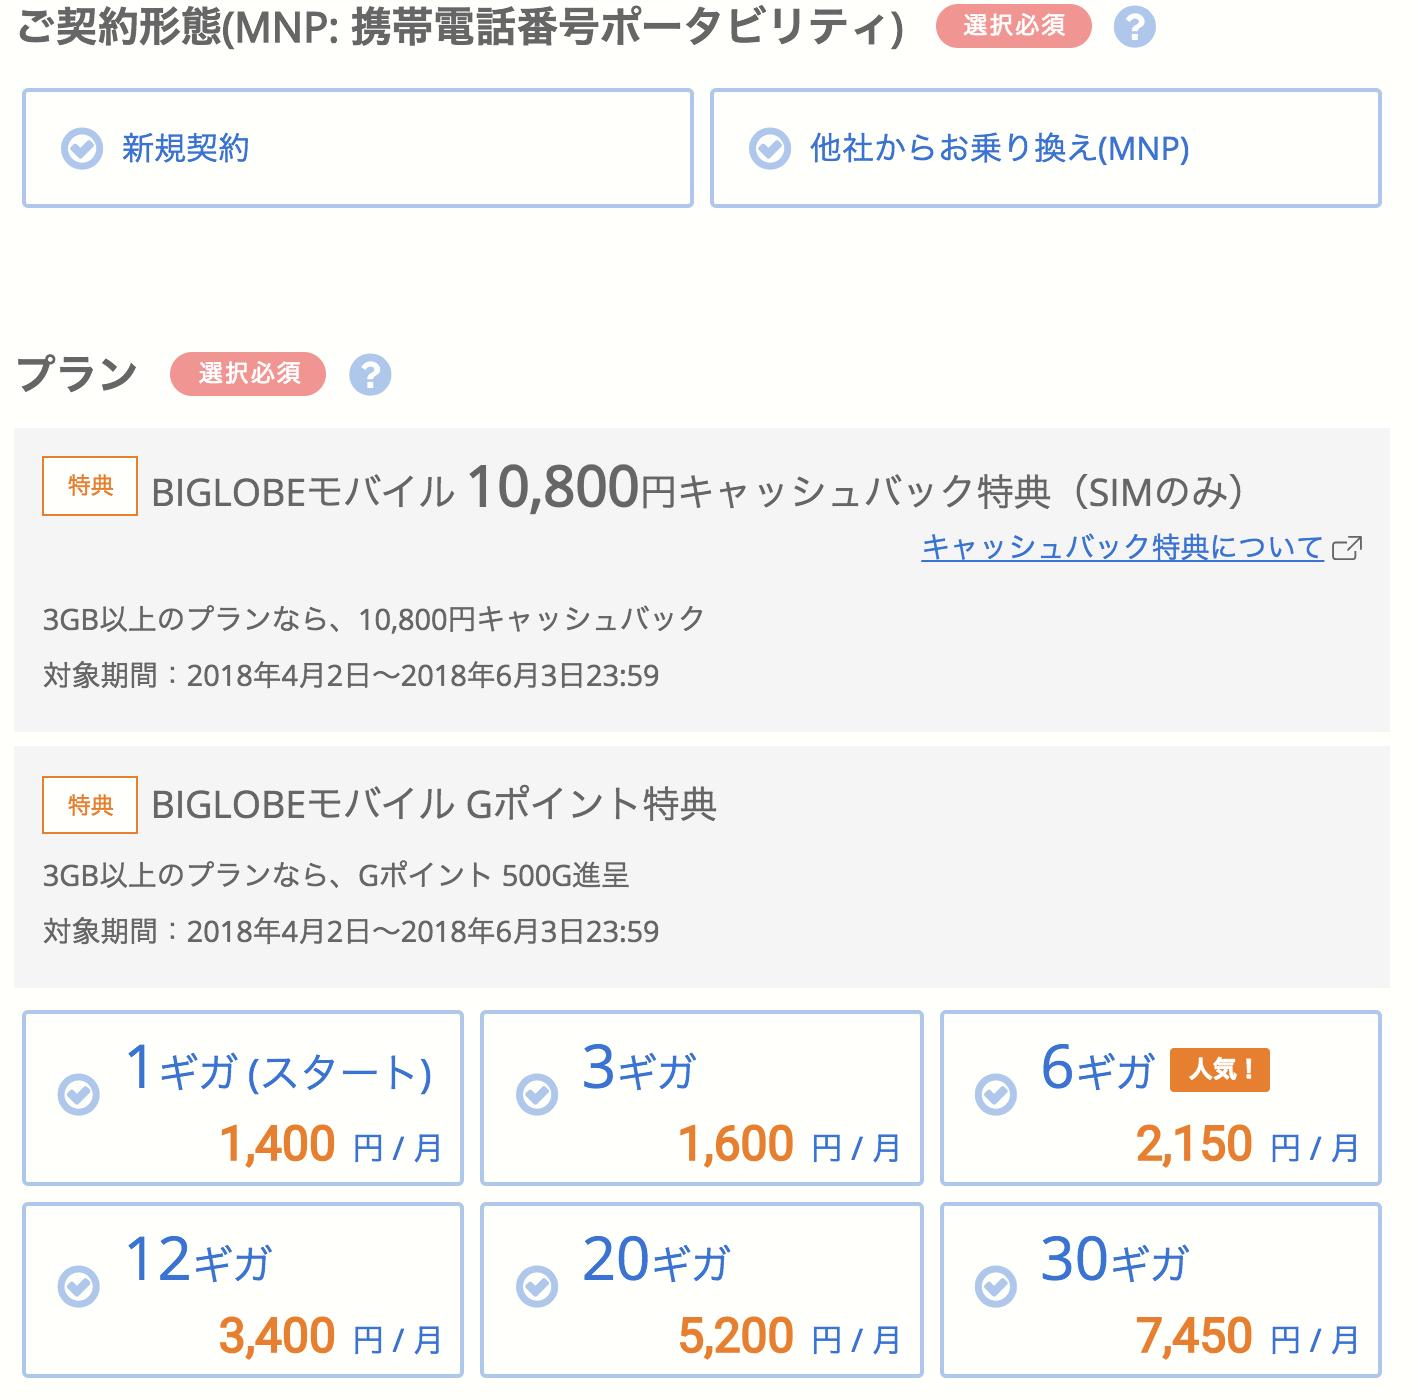 BIGLOBEモバイル_お申し込み3